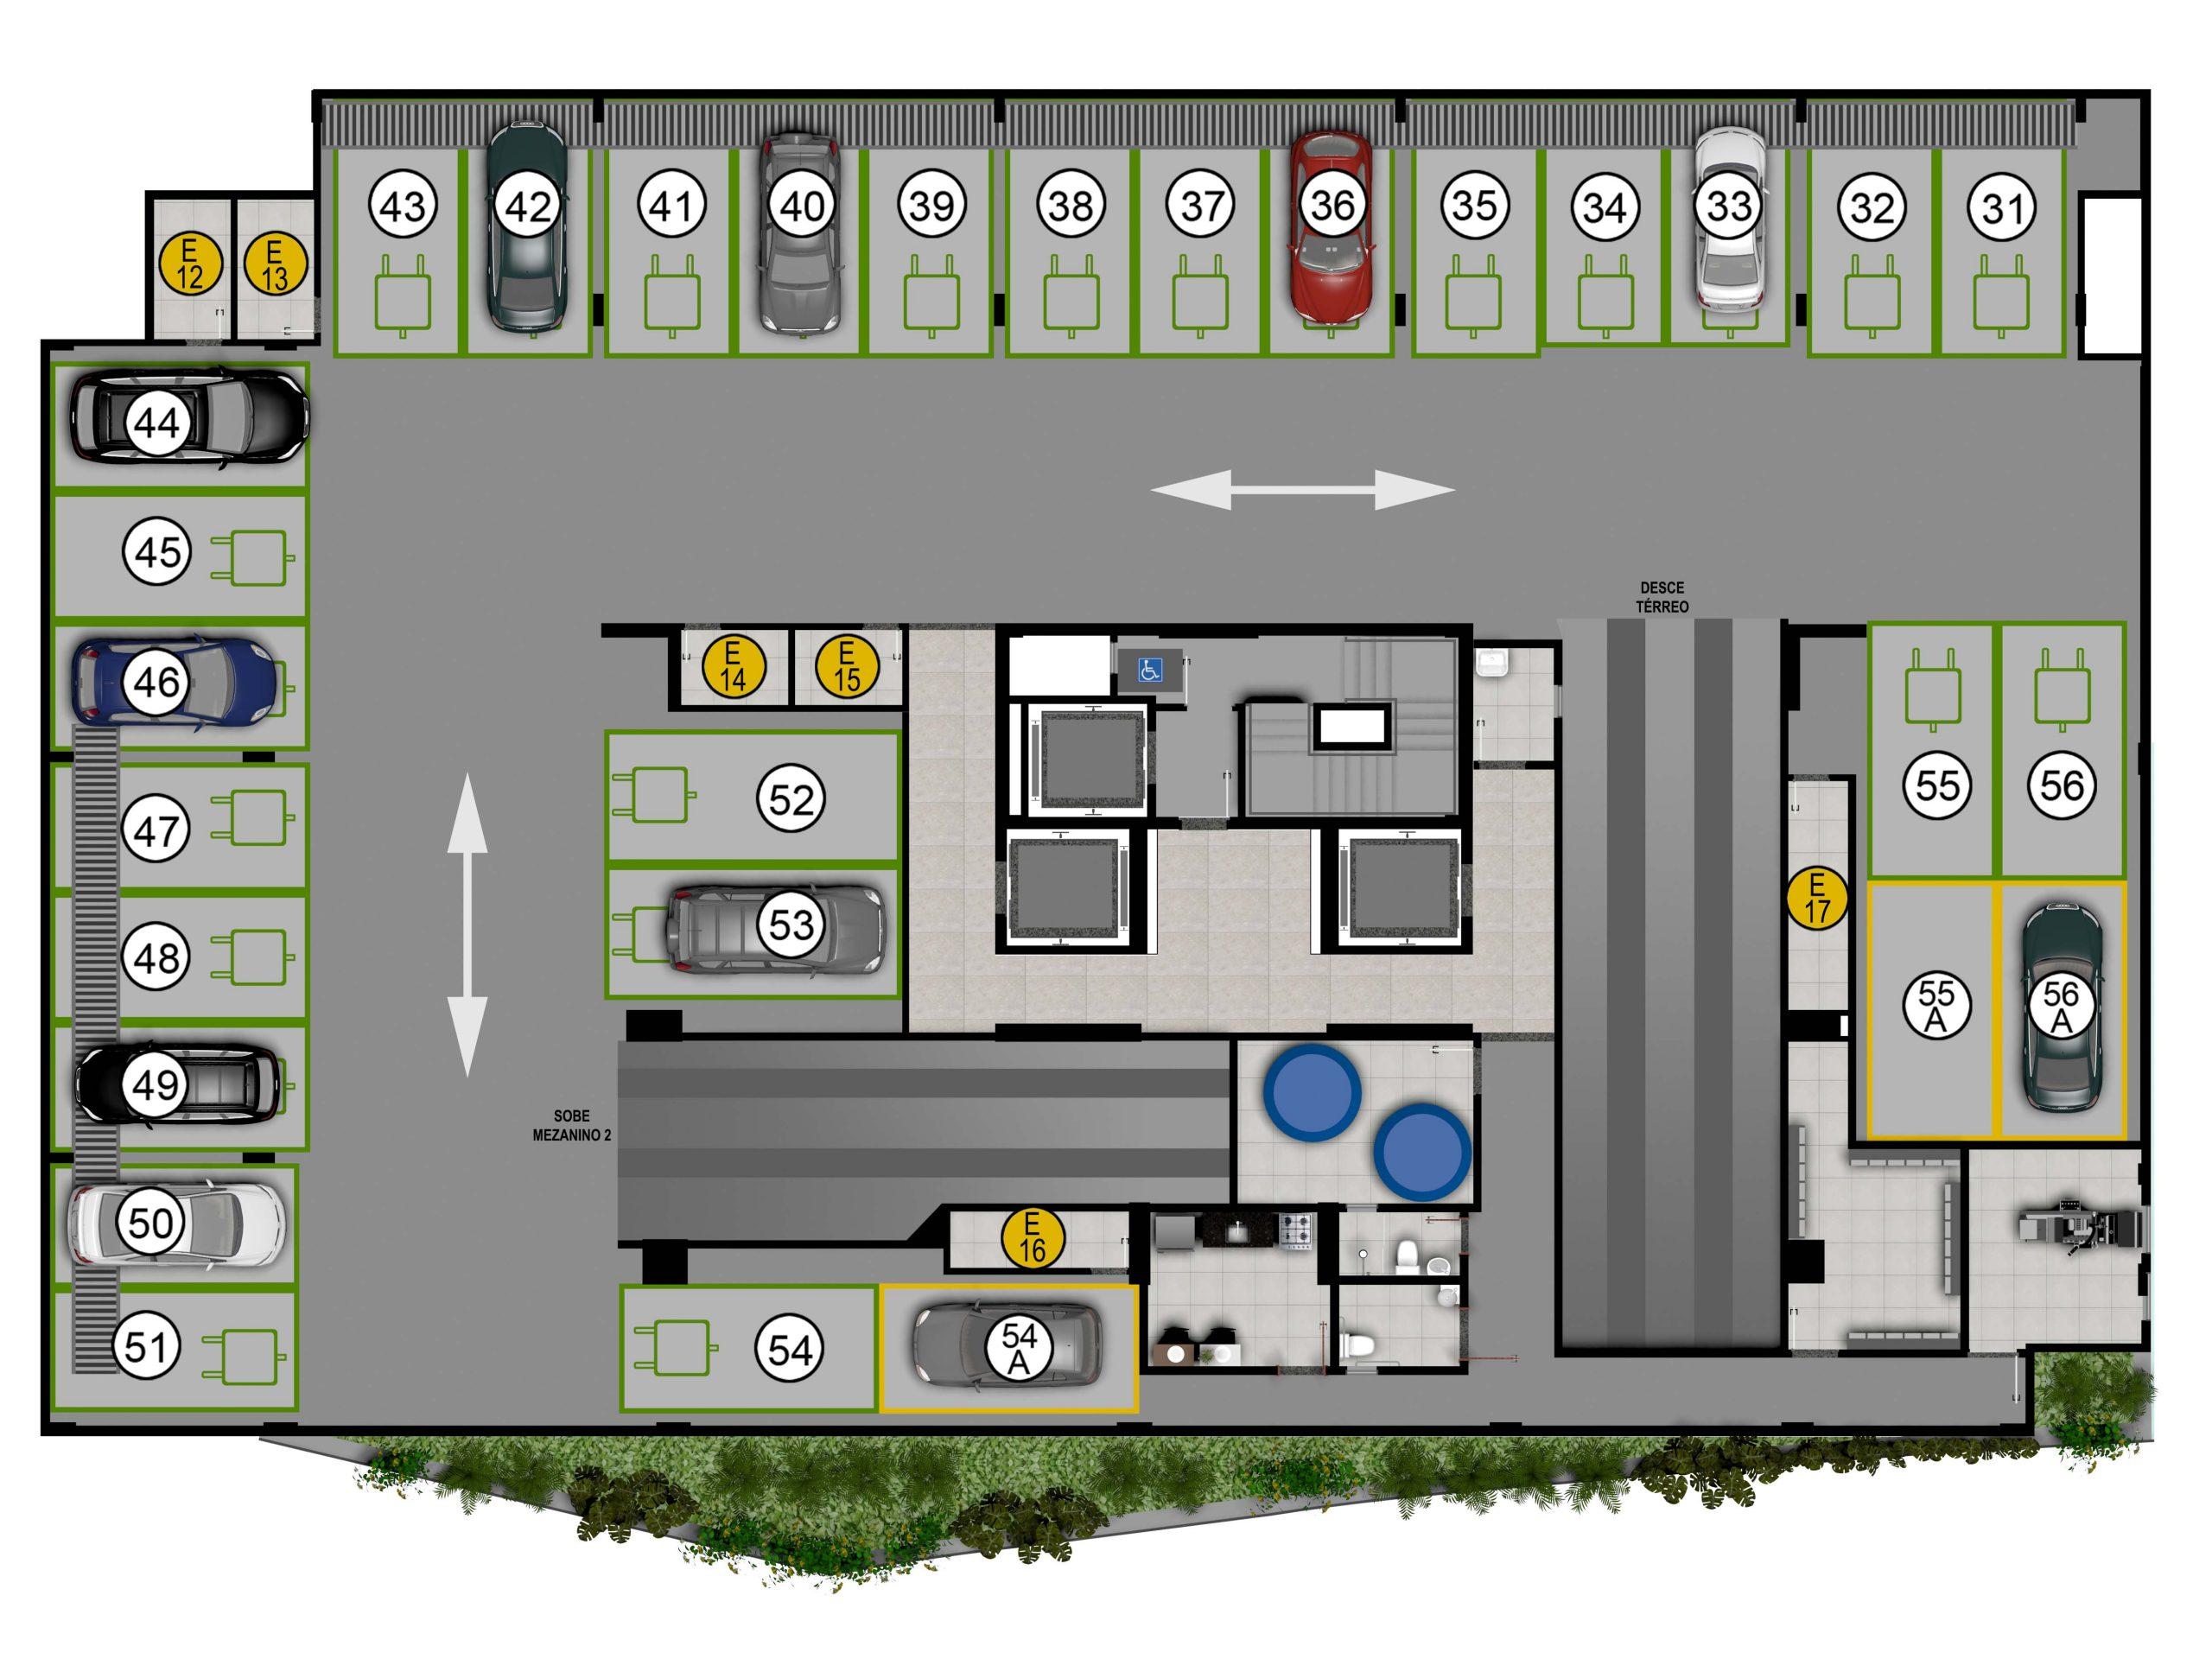 Pavimento garagem 1